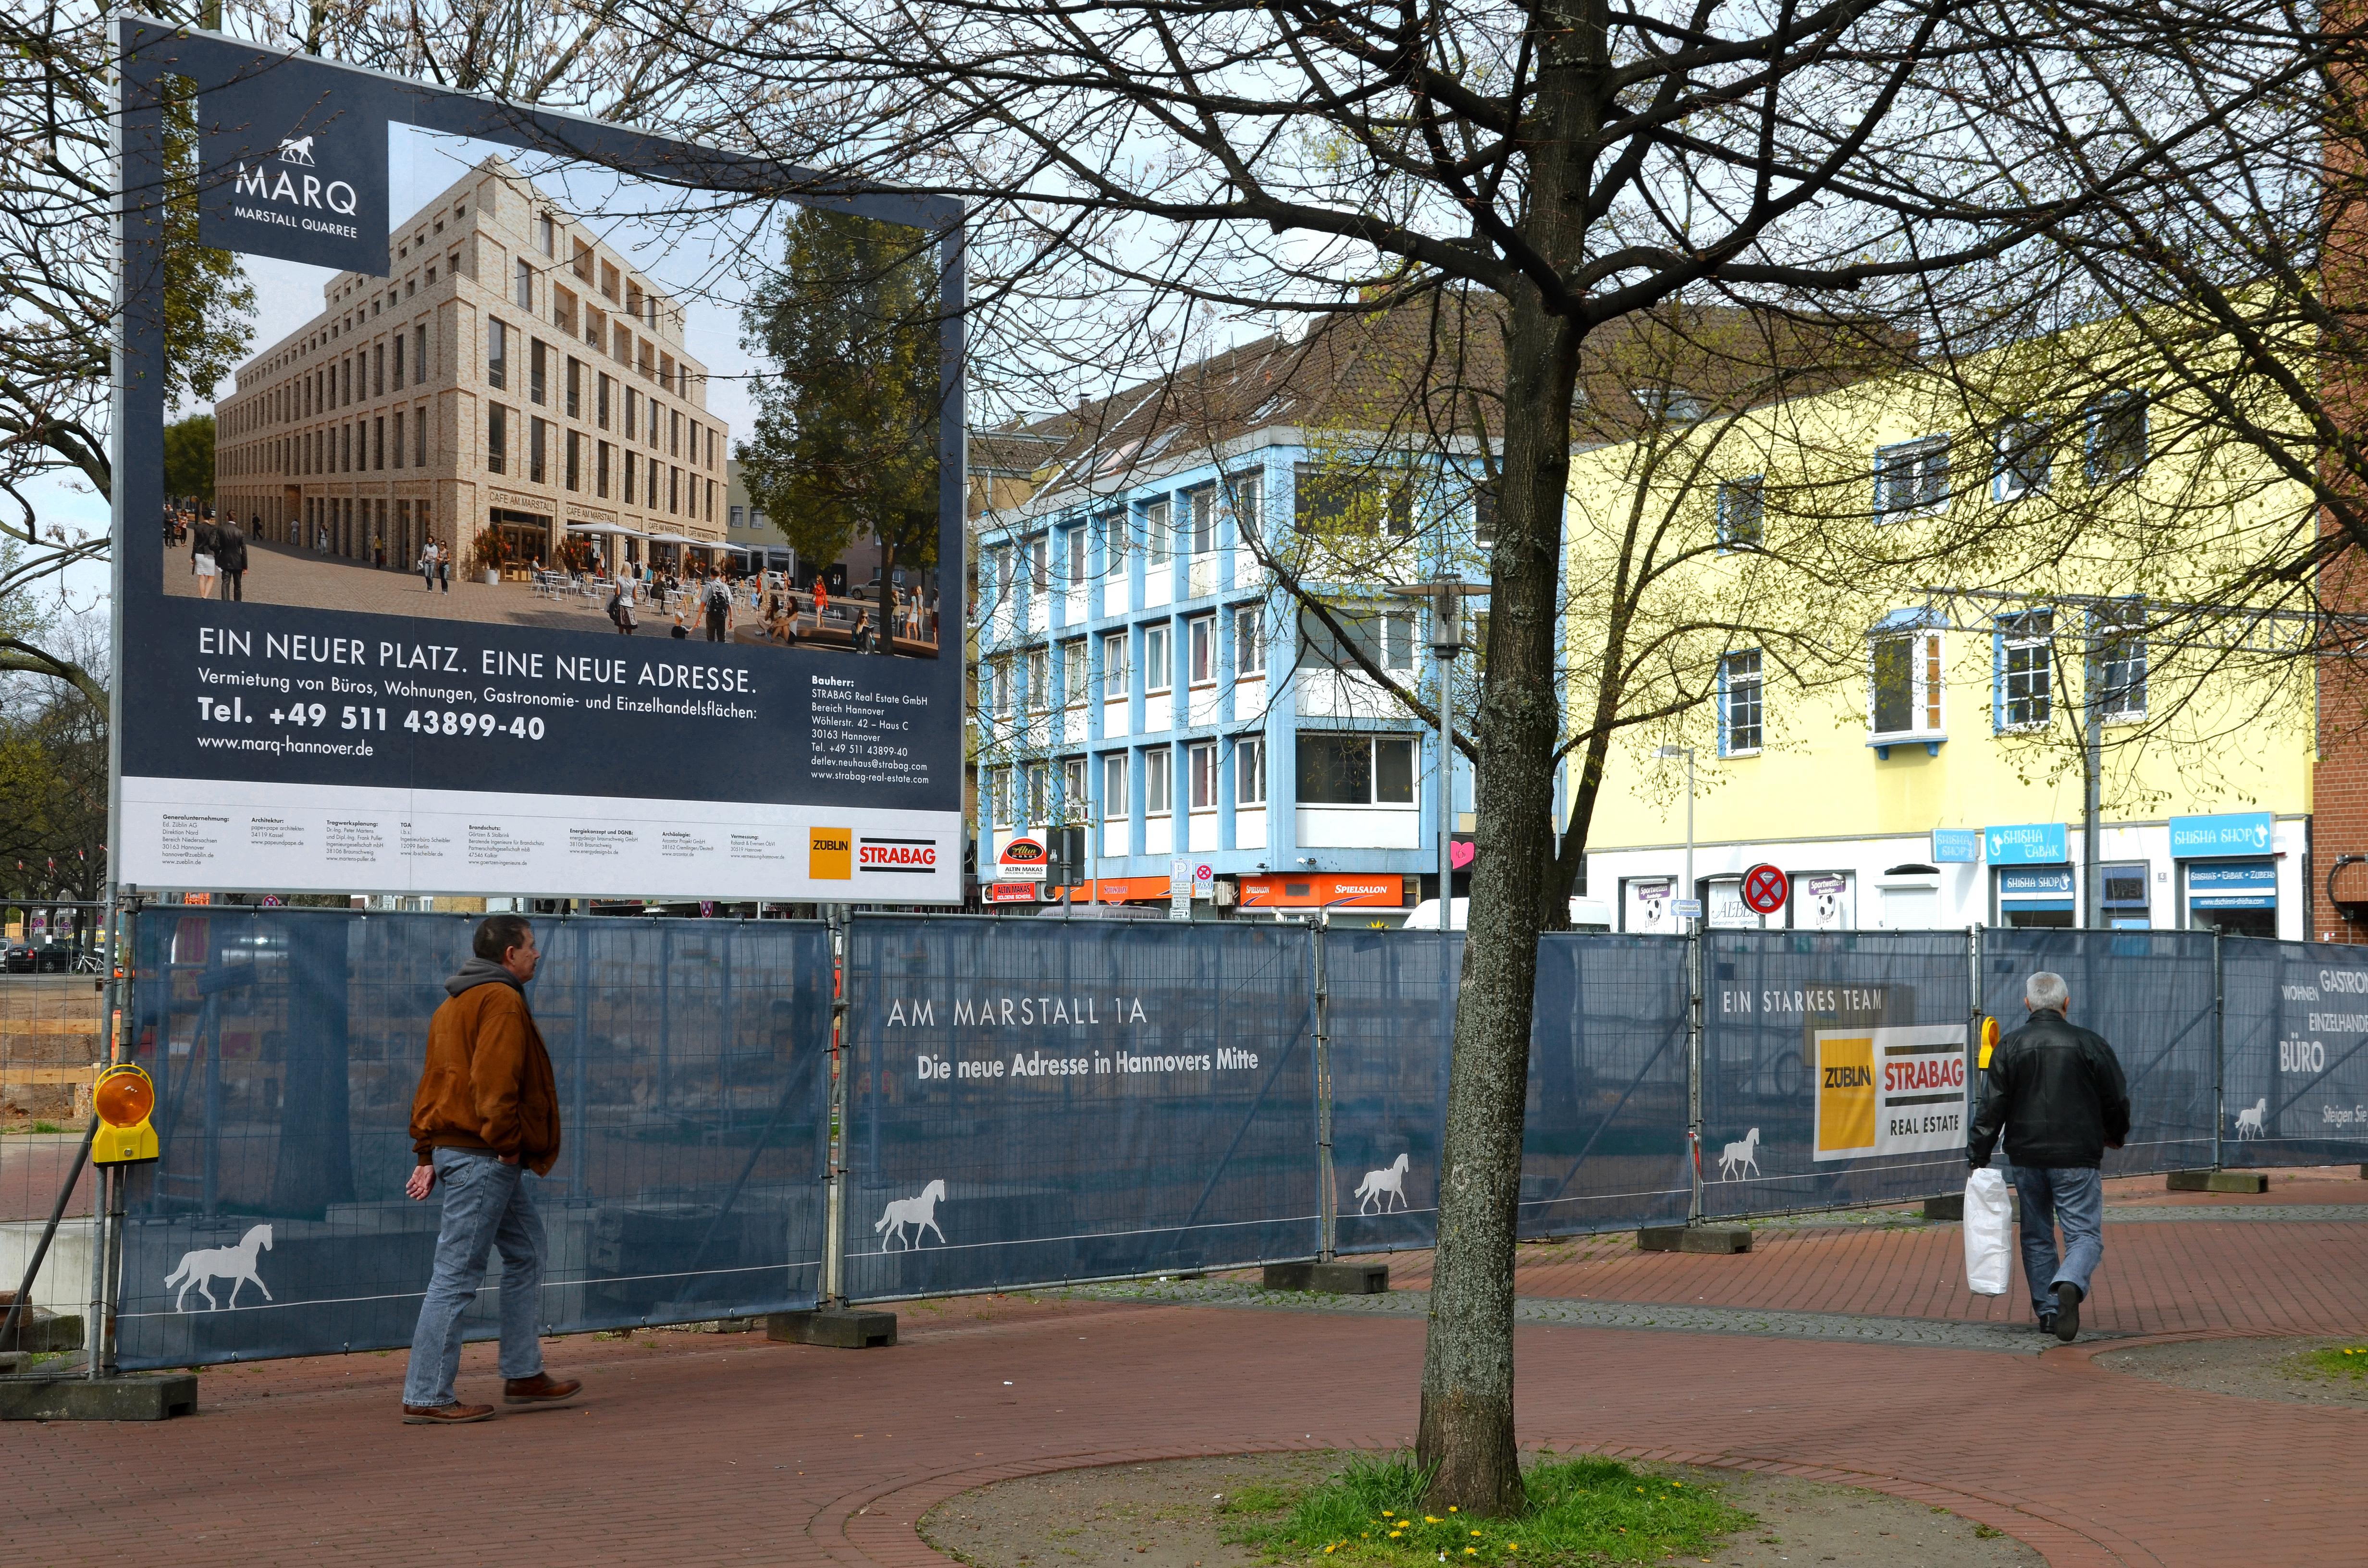 Architekten Hannover file 2016 04 19 am marstall 1a hannover marstall quarree café